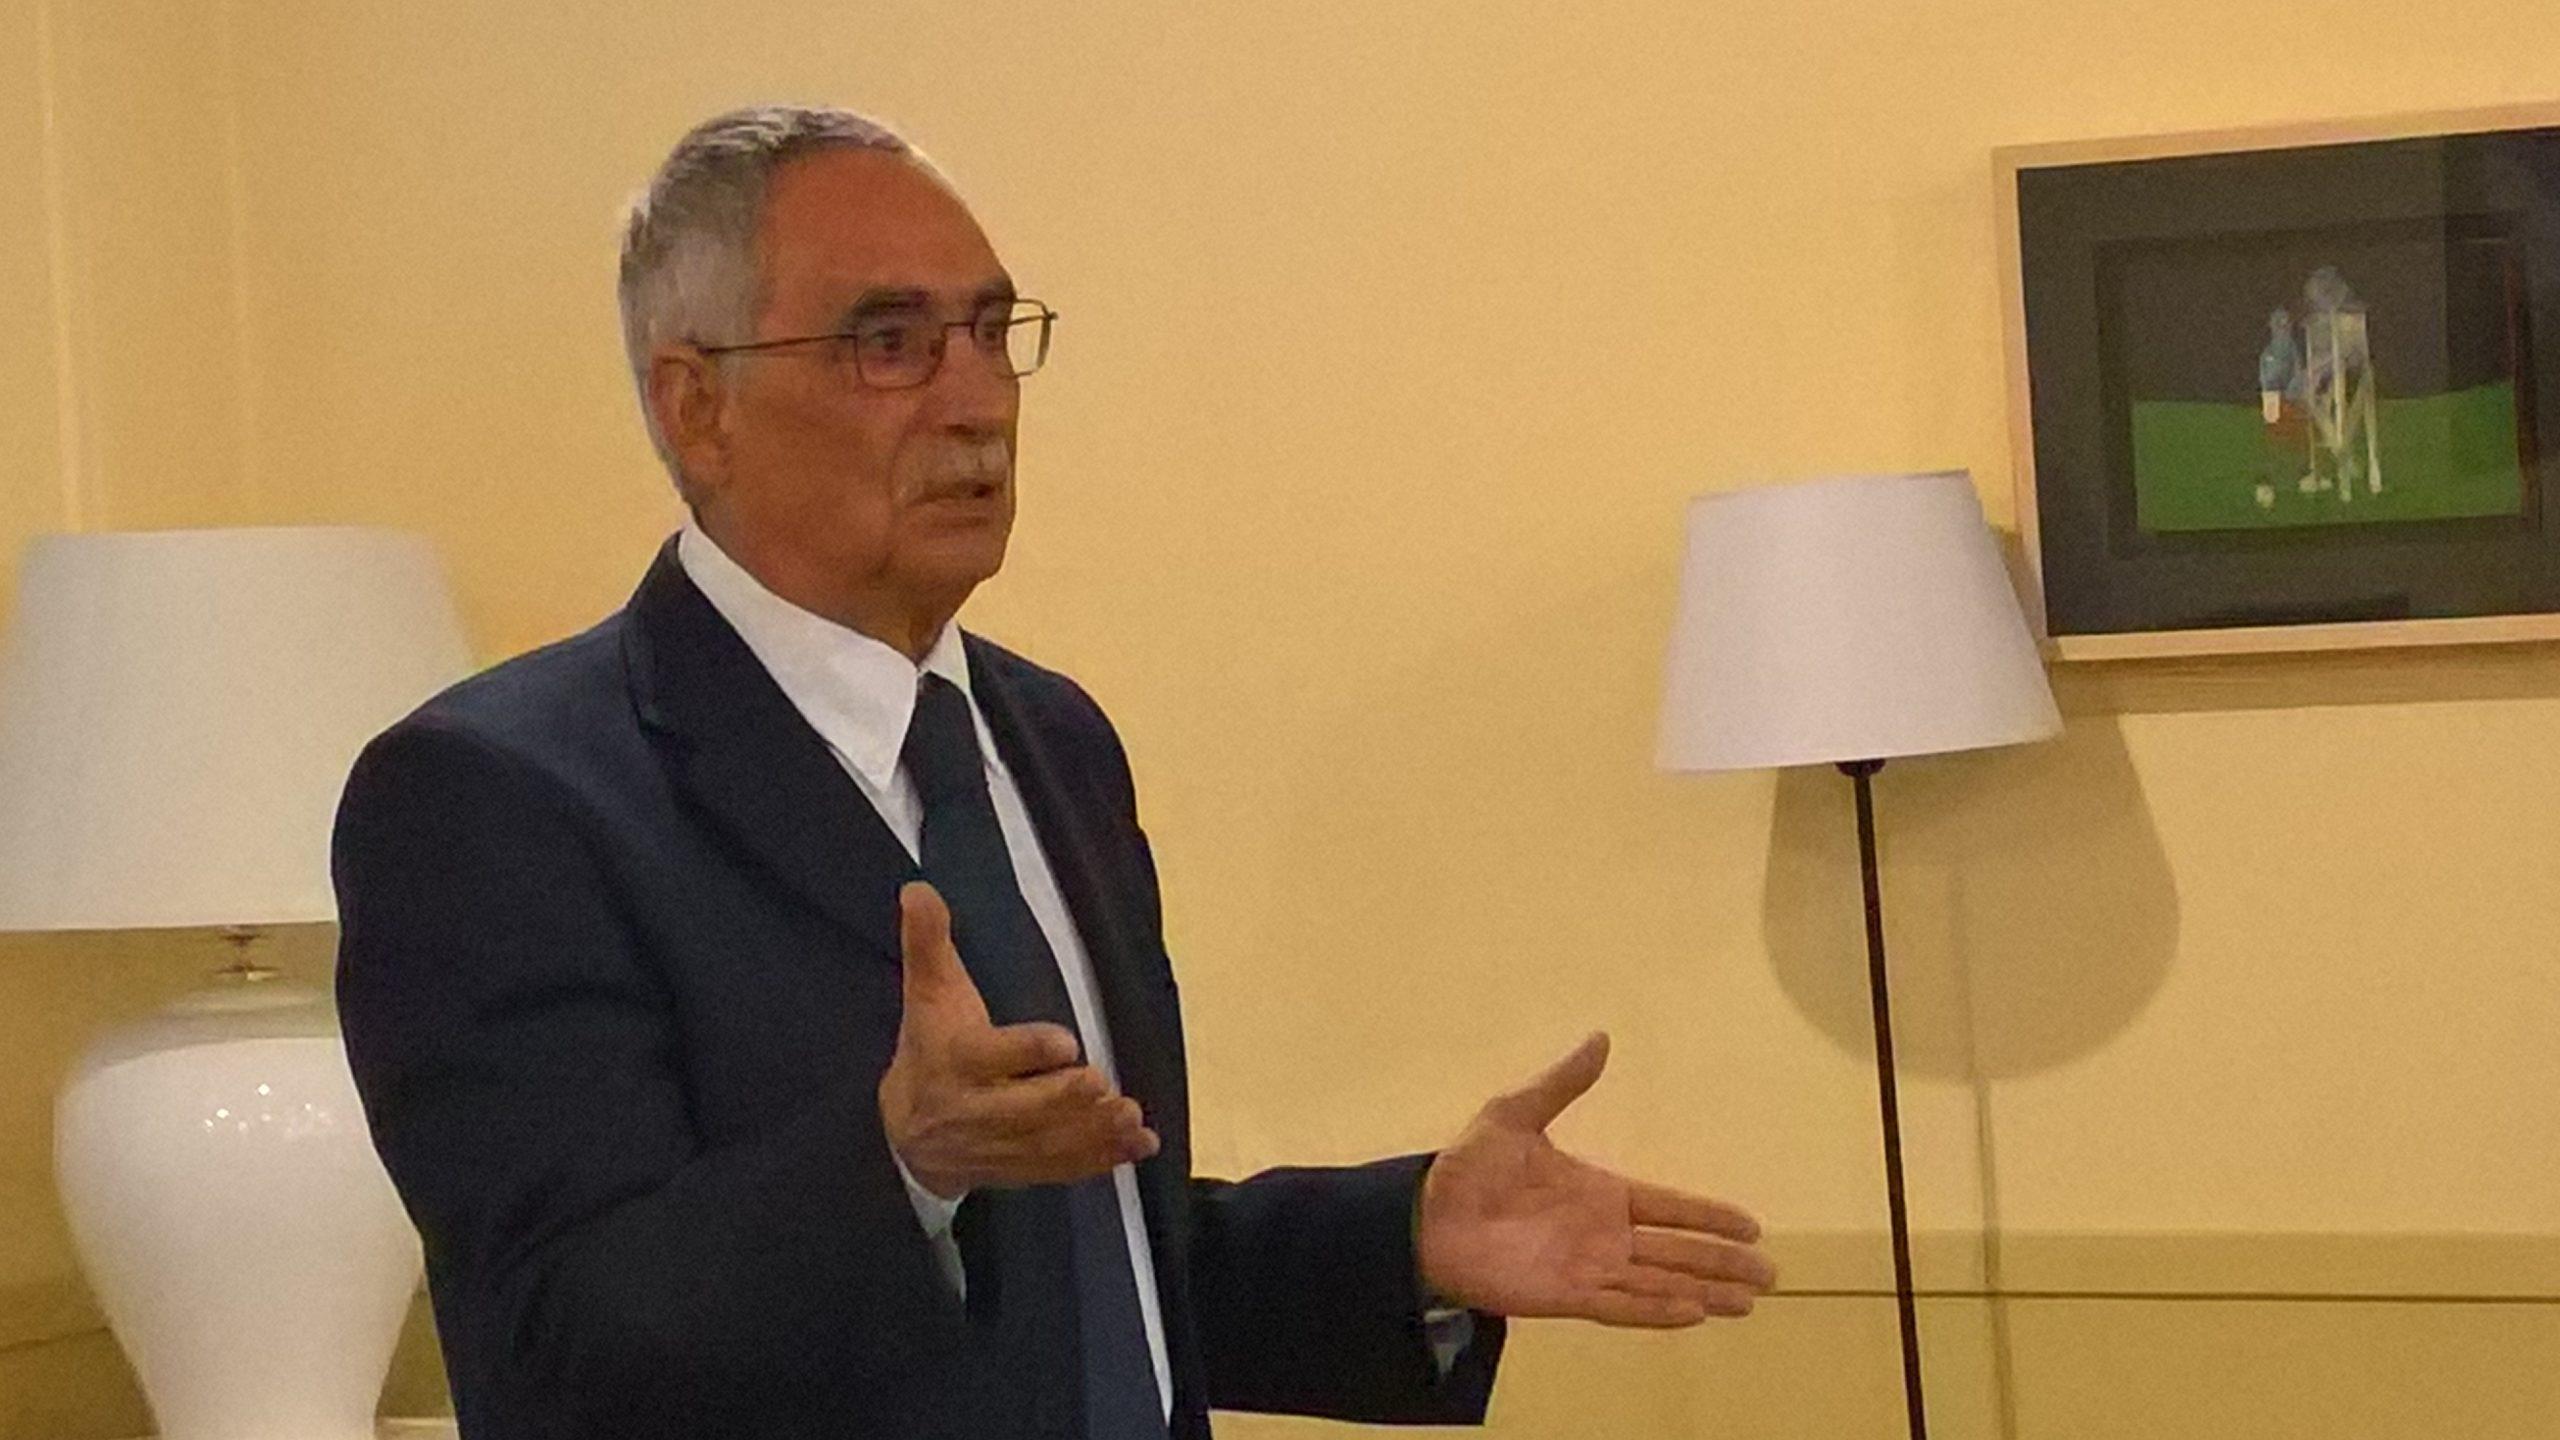 A Bastia Macron ha mostrato disponibilità all'iscrizione della Specialità della Corsica nella Costituzione, ma non sulle altre richieste. Di Antonio Ladu